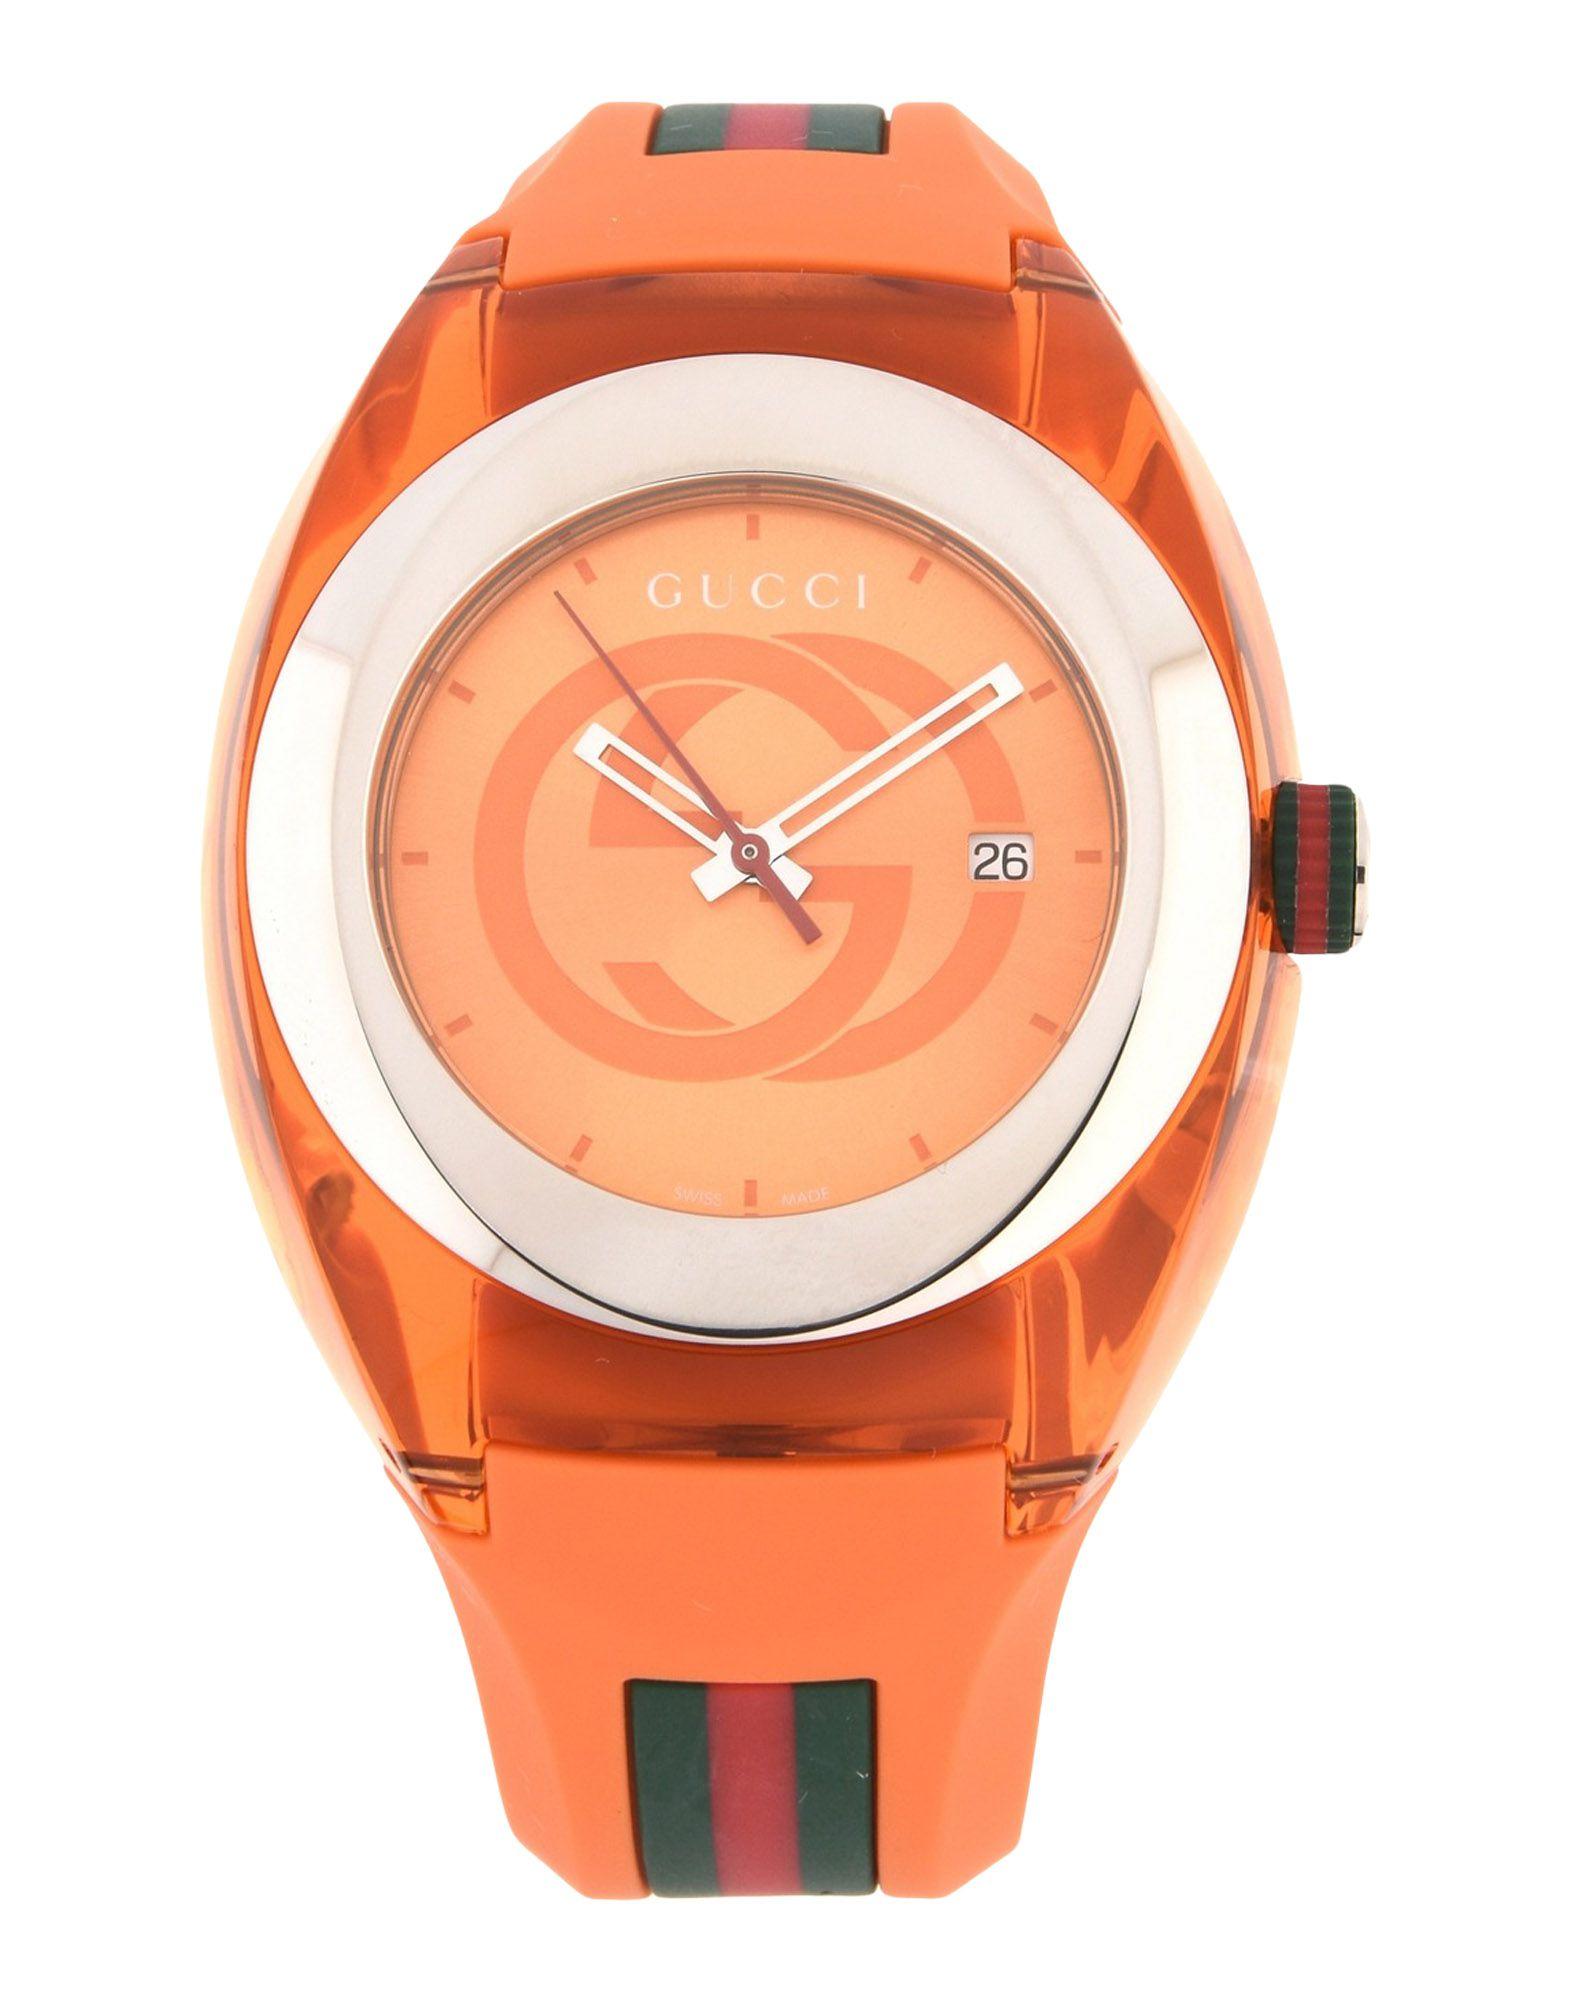 ユニセックス GUCCI GUCCI SYNC 腕時計 オレンジ